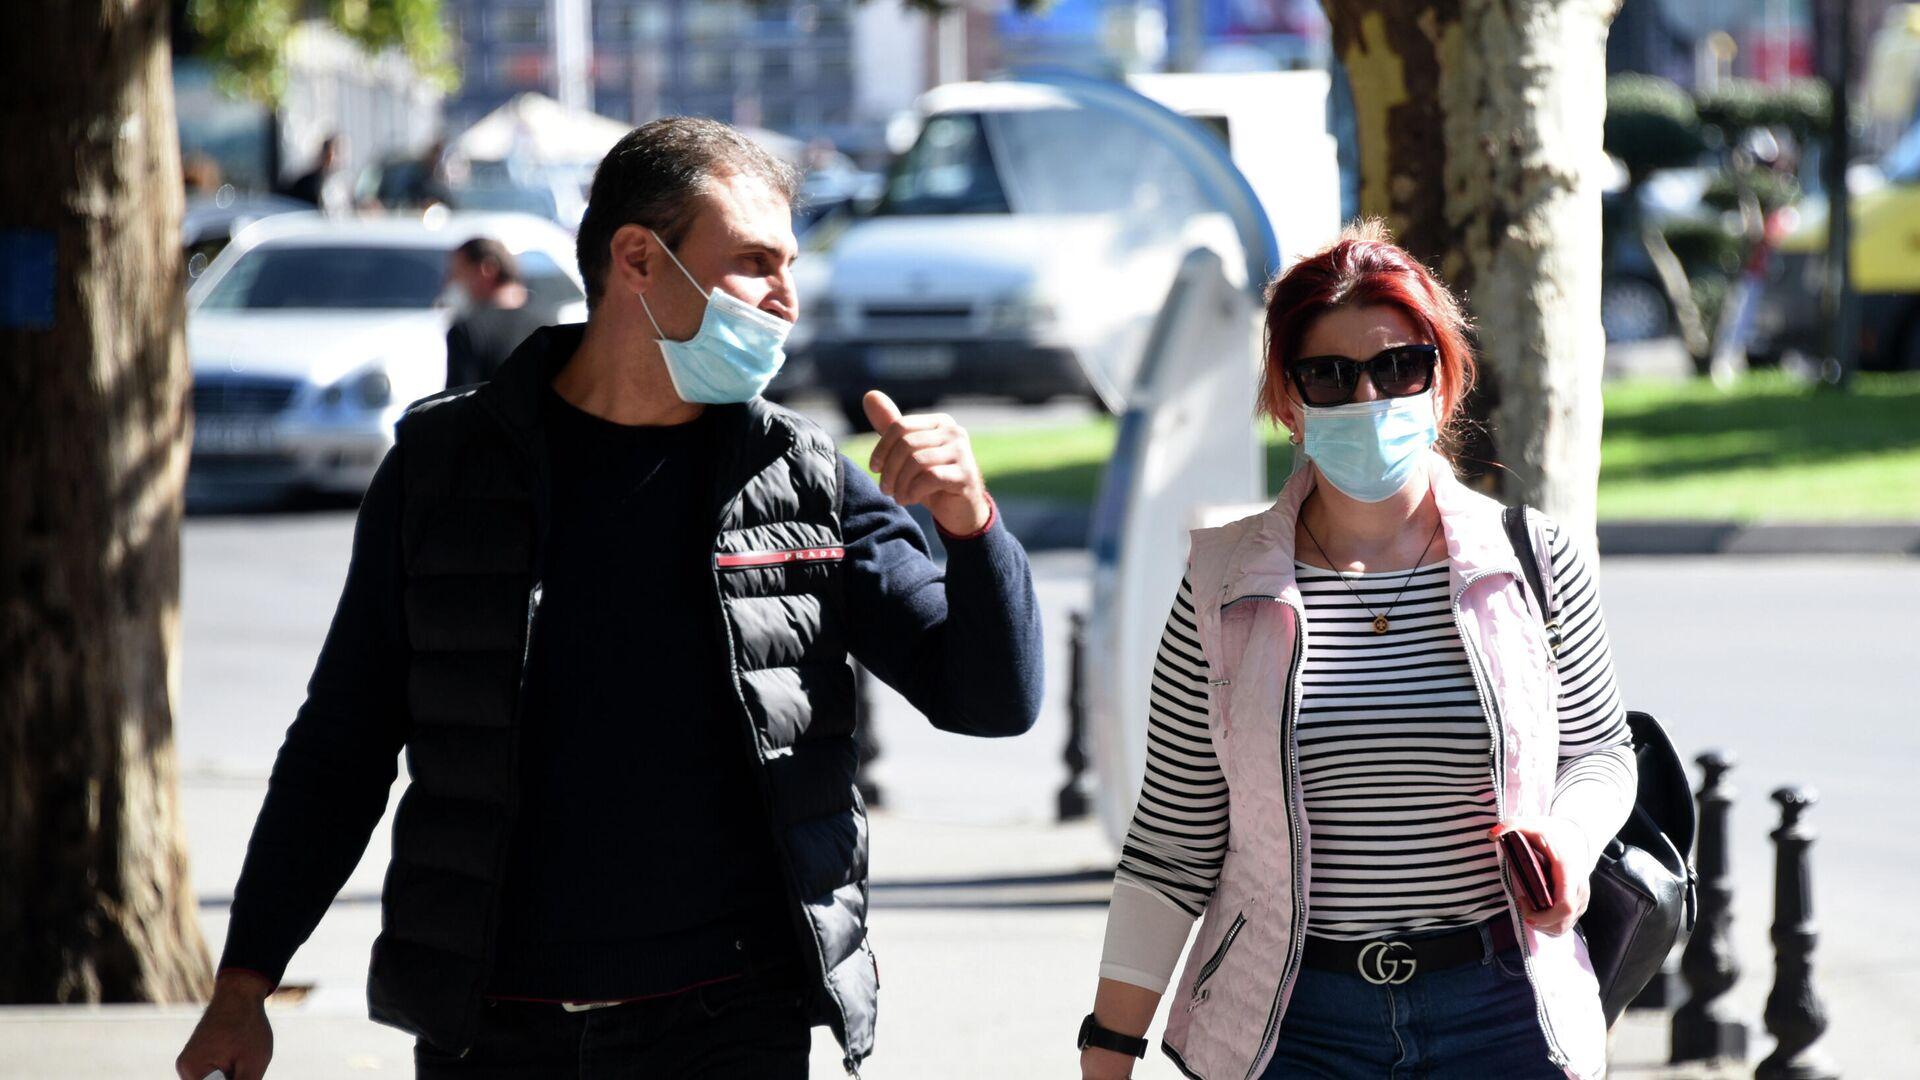 Эпидемия коронавируса - прохожие на улице в масках - Sputnik Грузия, 1920, 14.10.2021